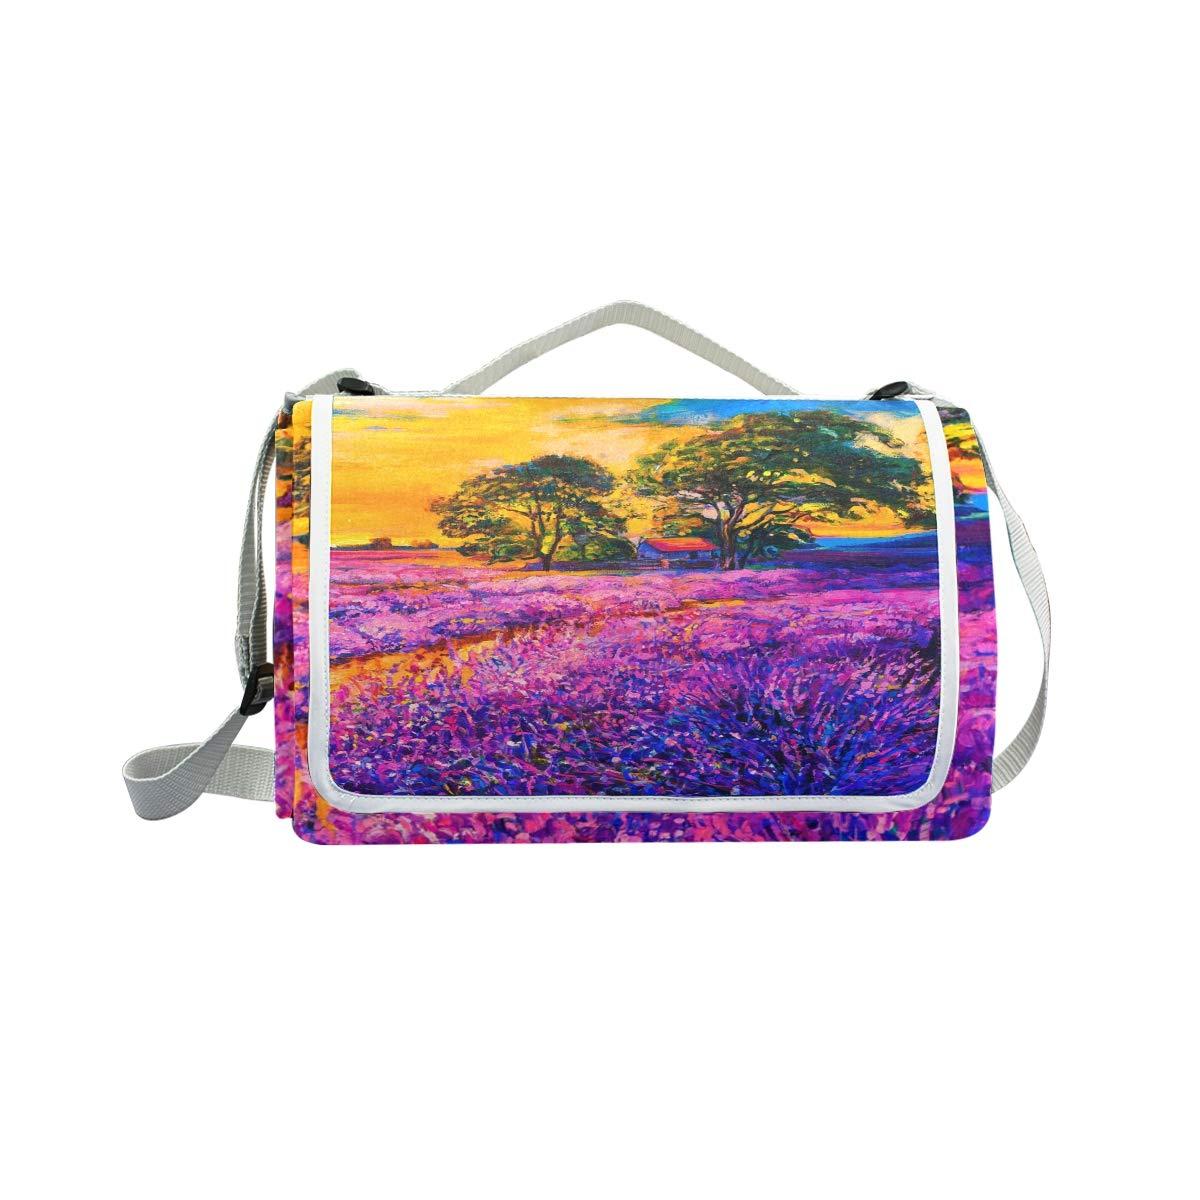 Jeansame Vintage Sunset Floreale Pittura a Olio di Lavanda Picnic Mat Coperta da Picnic, da Campeggio per Outdoor Viaggio Yoga Escursionismo Impermeabile Portatile Pieghevole 150 x 145 cm